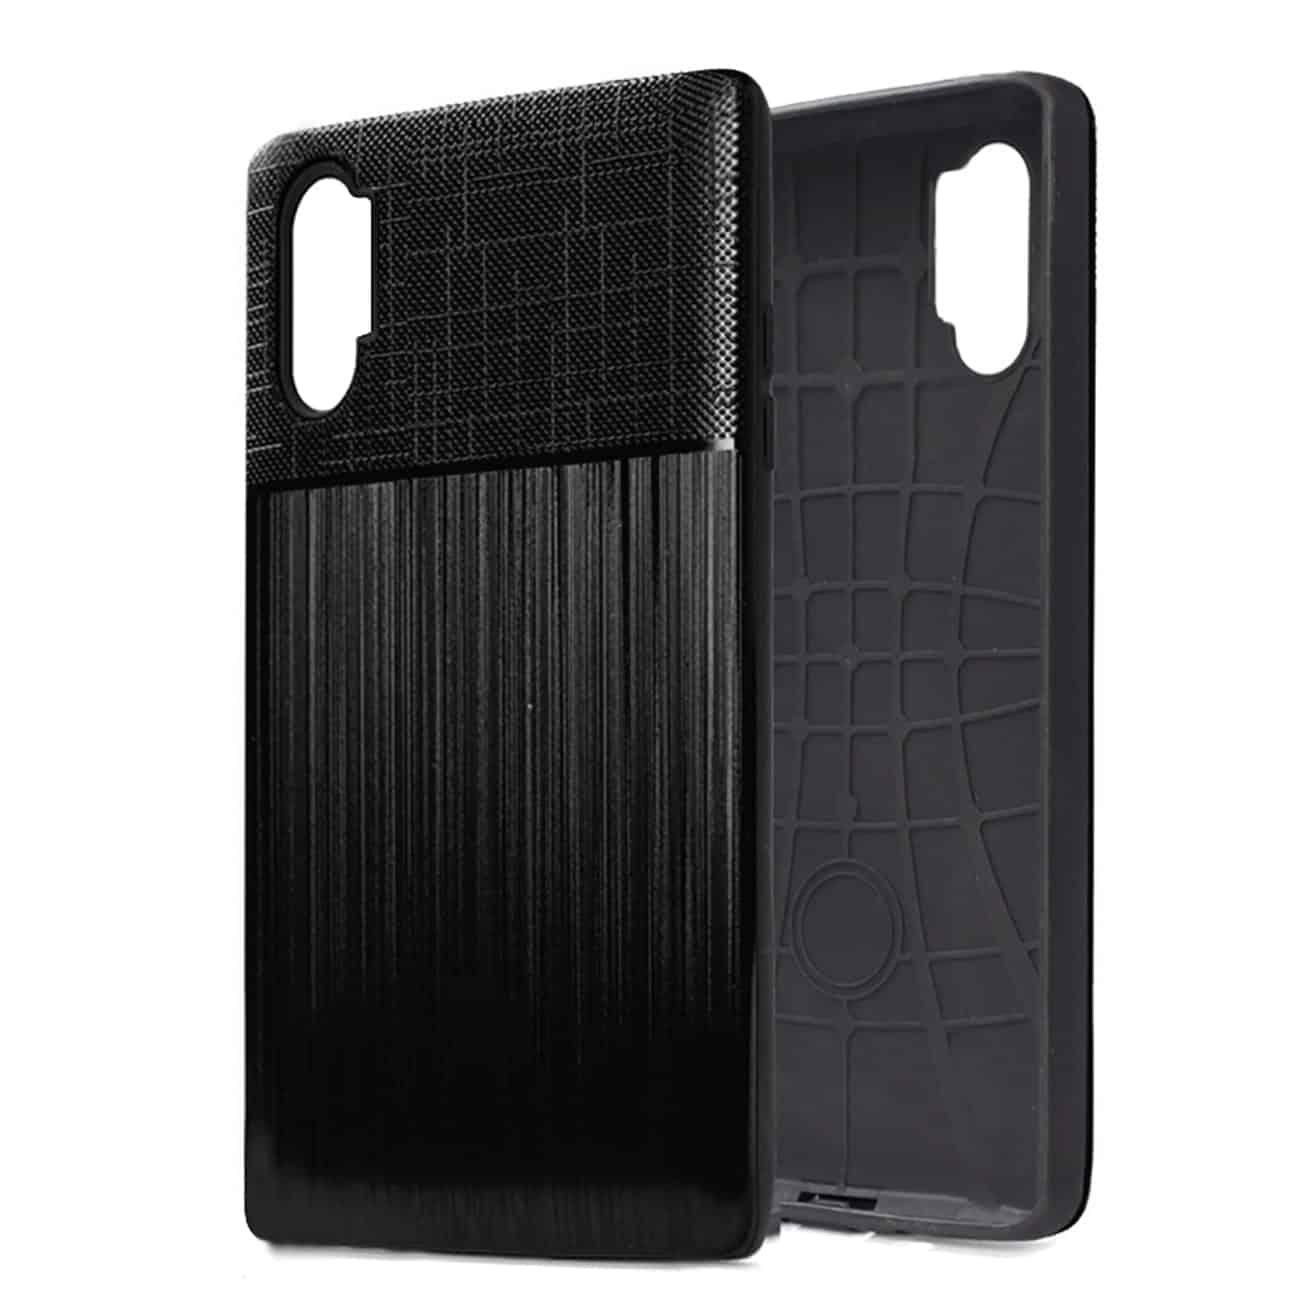 ISTIK SAMSUNG GALAXY NOTE 10 PLUS Lightweight Case In Black